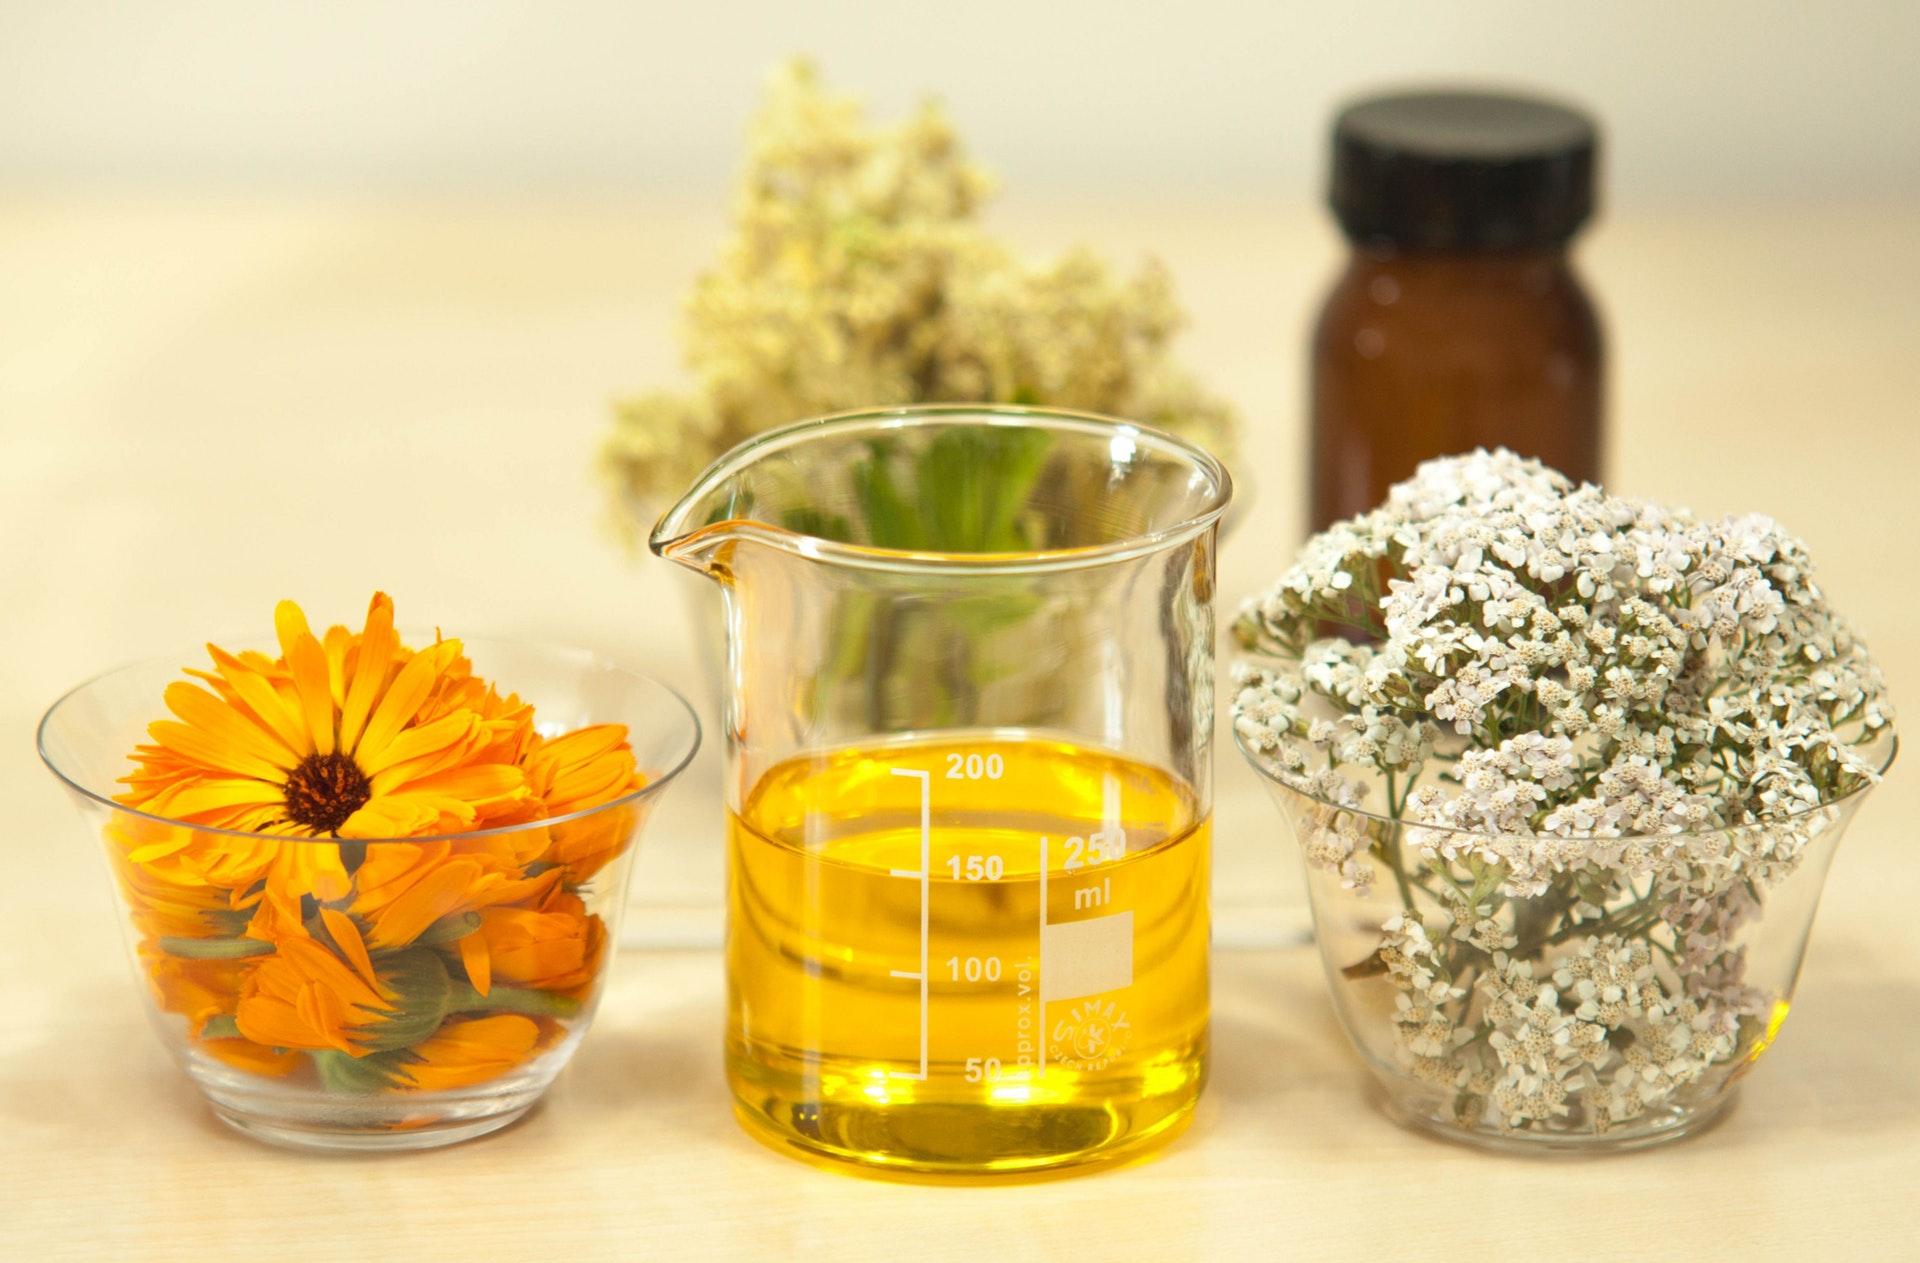 กลิ่นของดอกไม้มีประโยชน์ในหลายๆ ด้าน